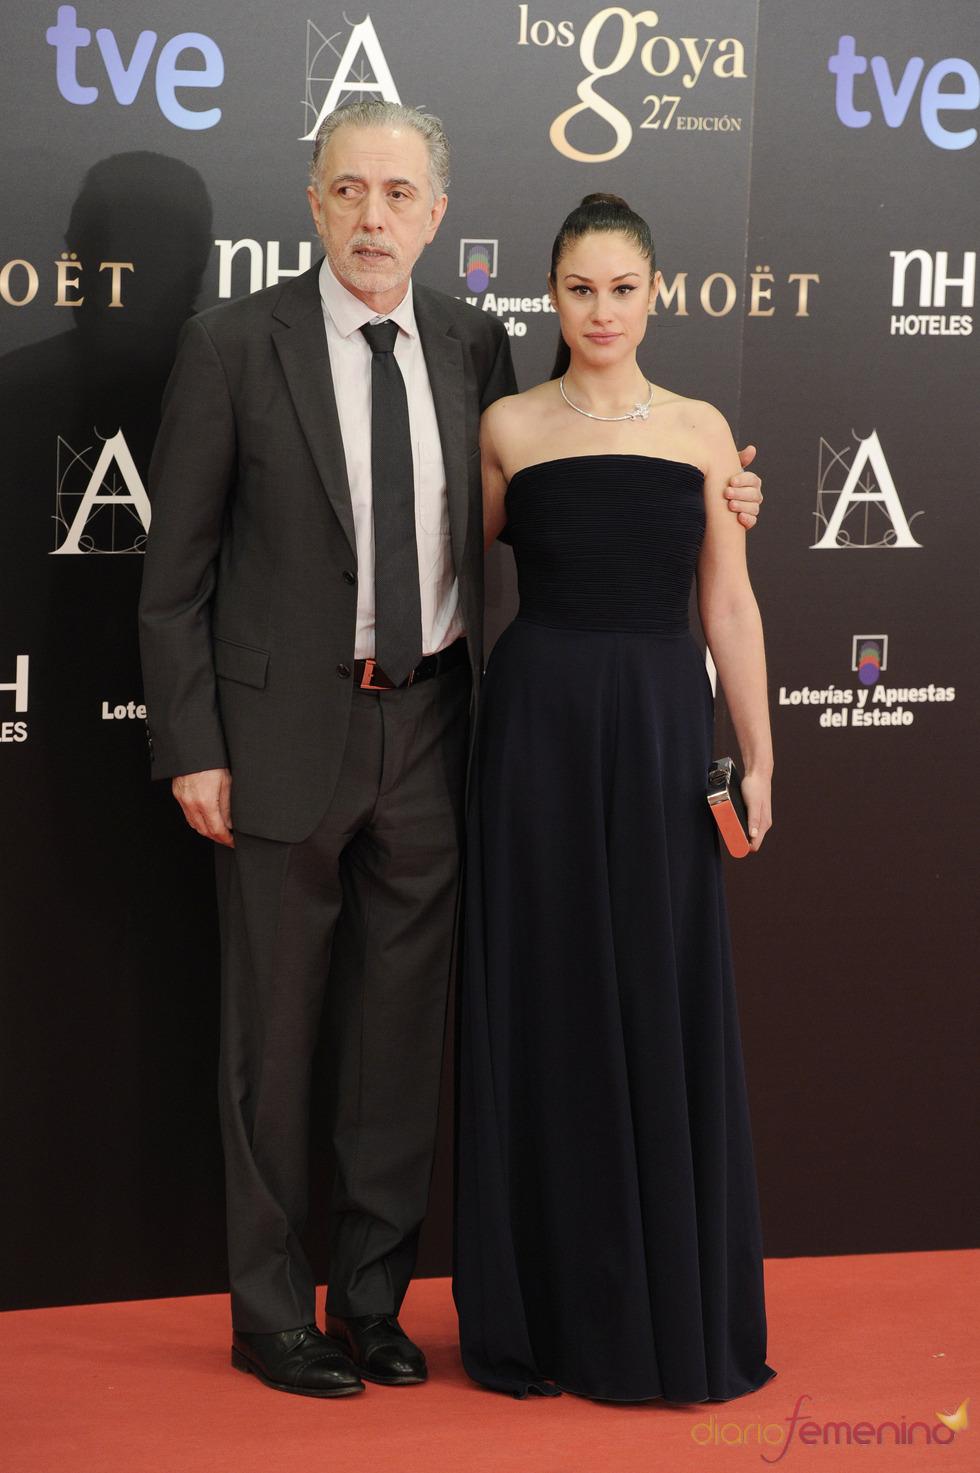 Fernando Trueba y Aida Folch en la alfombra roja de los Goya 2013